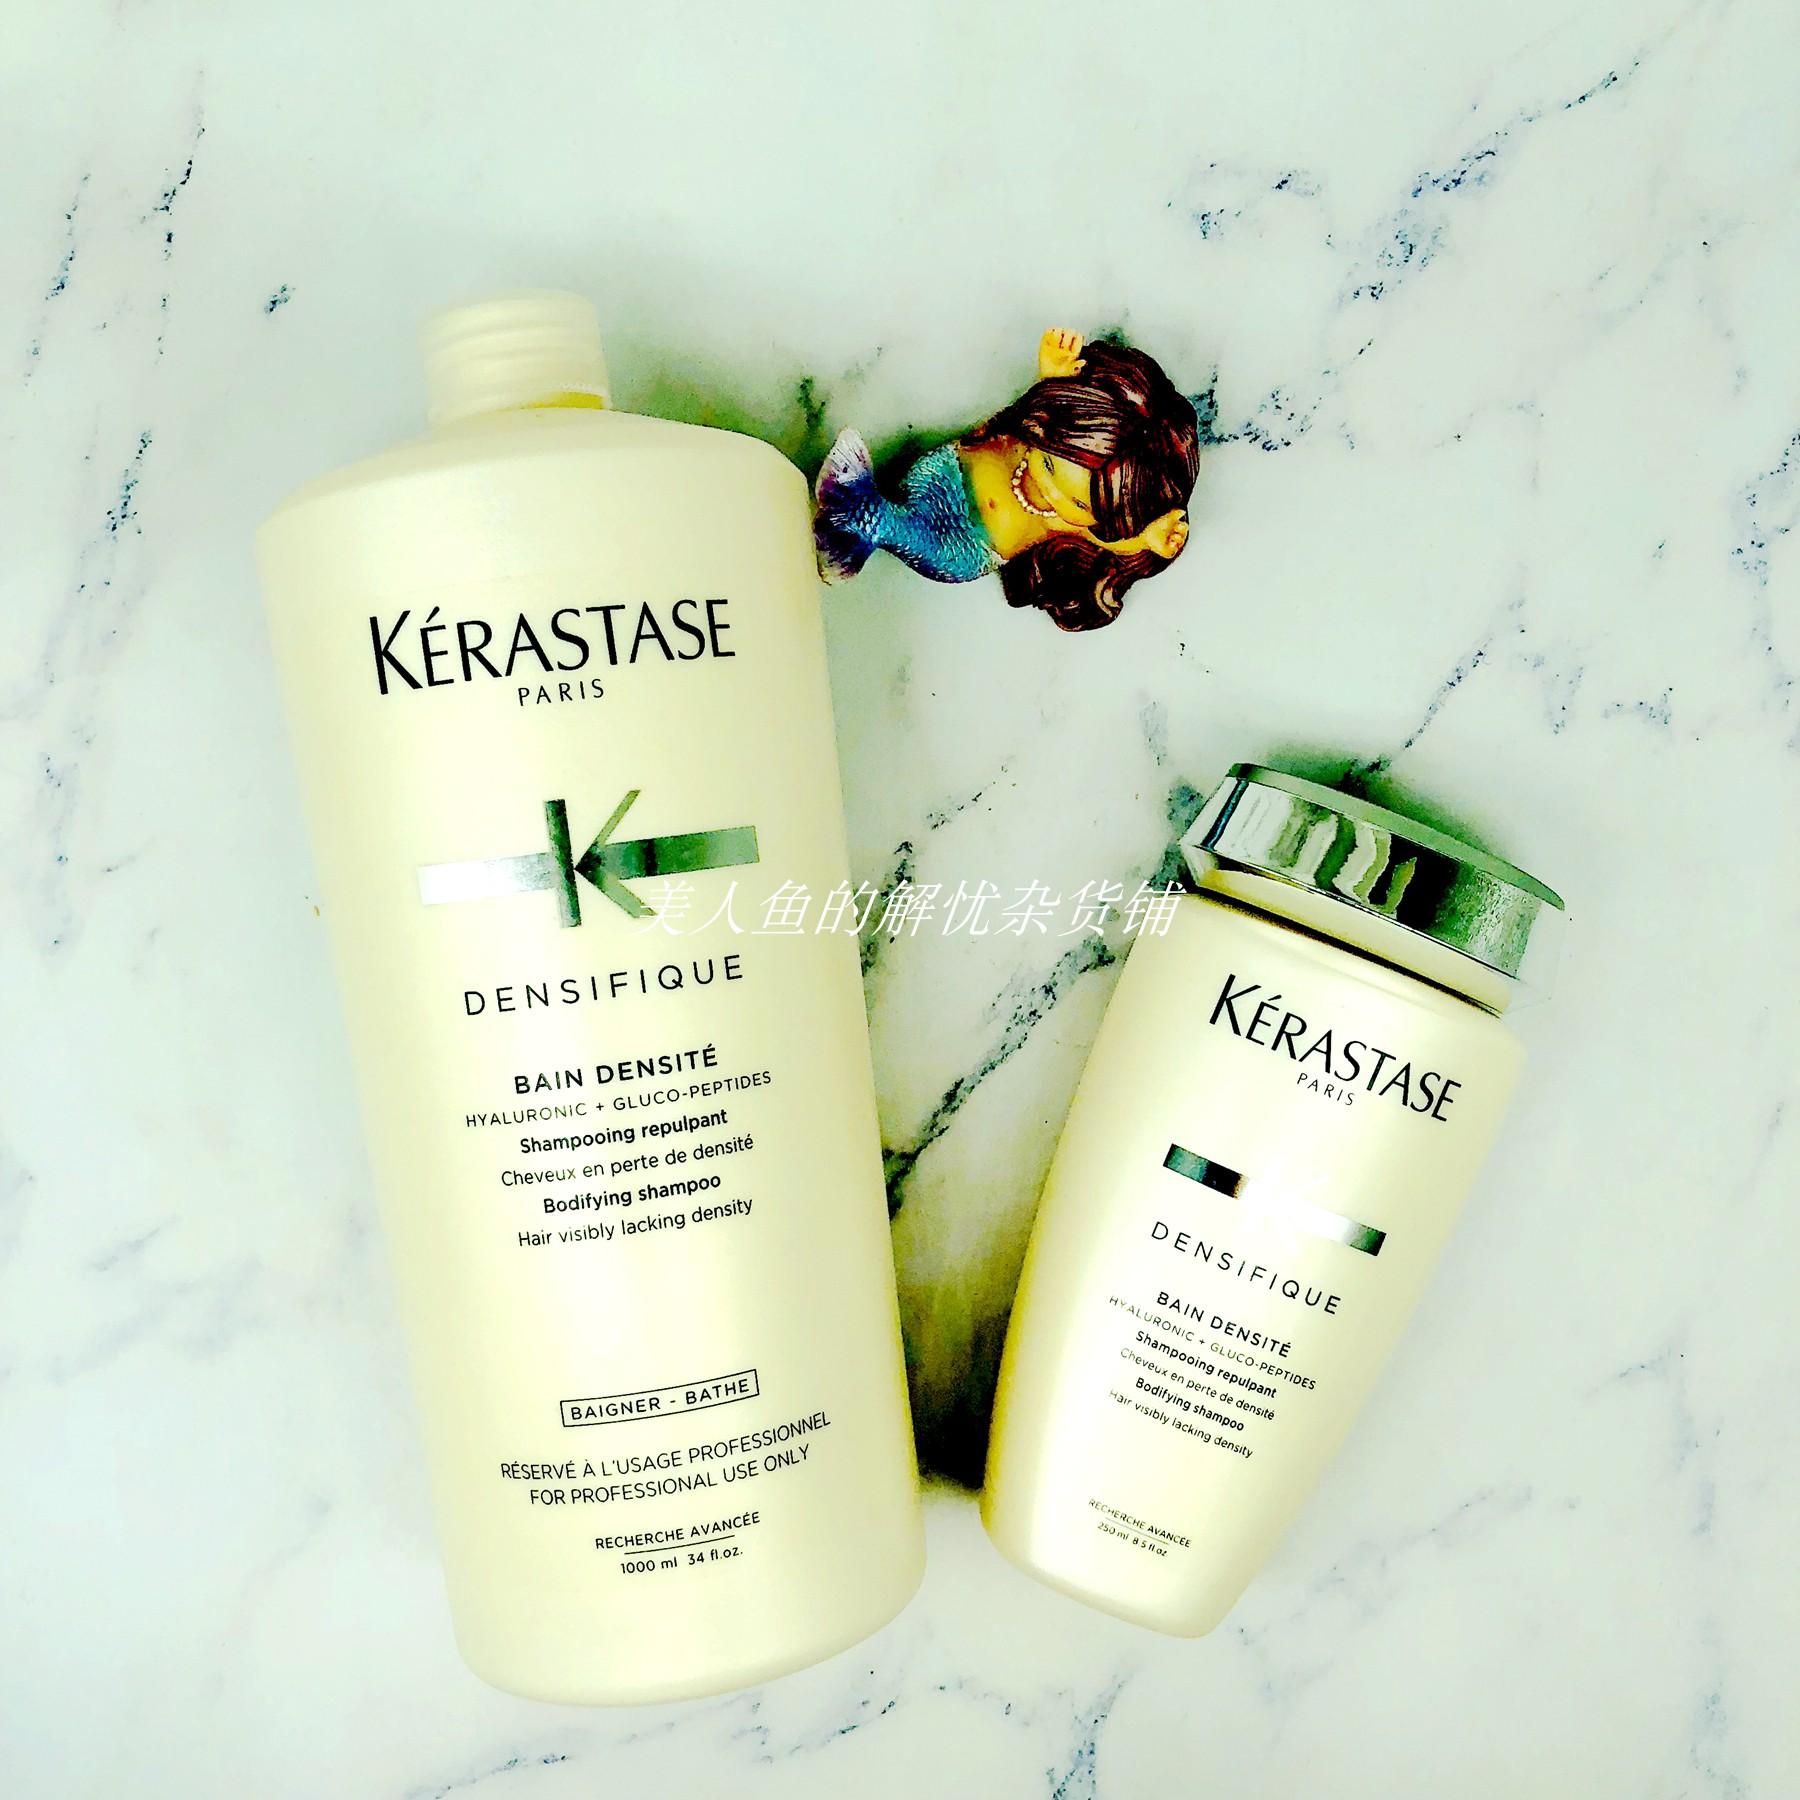 卡詩kerastase白金級賦活防脫髮/洗髮水/護髮素防脫濃密